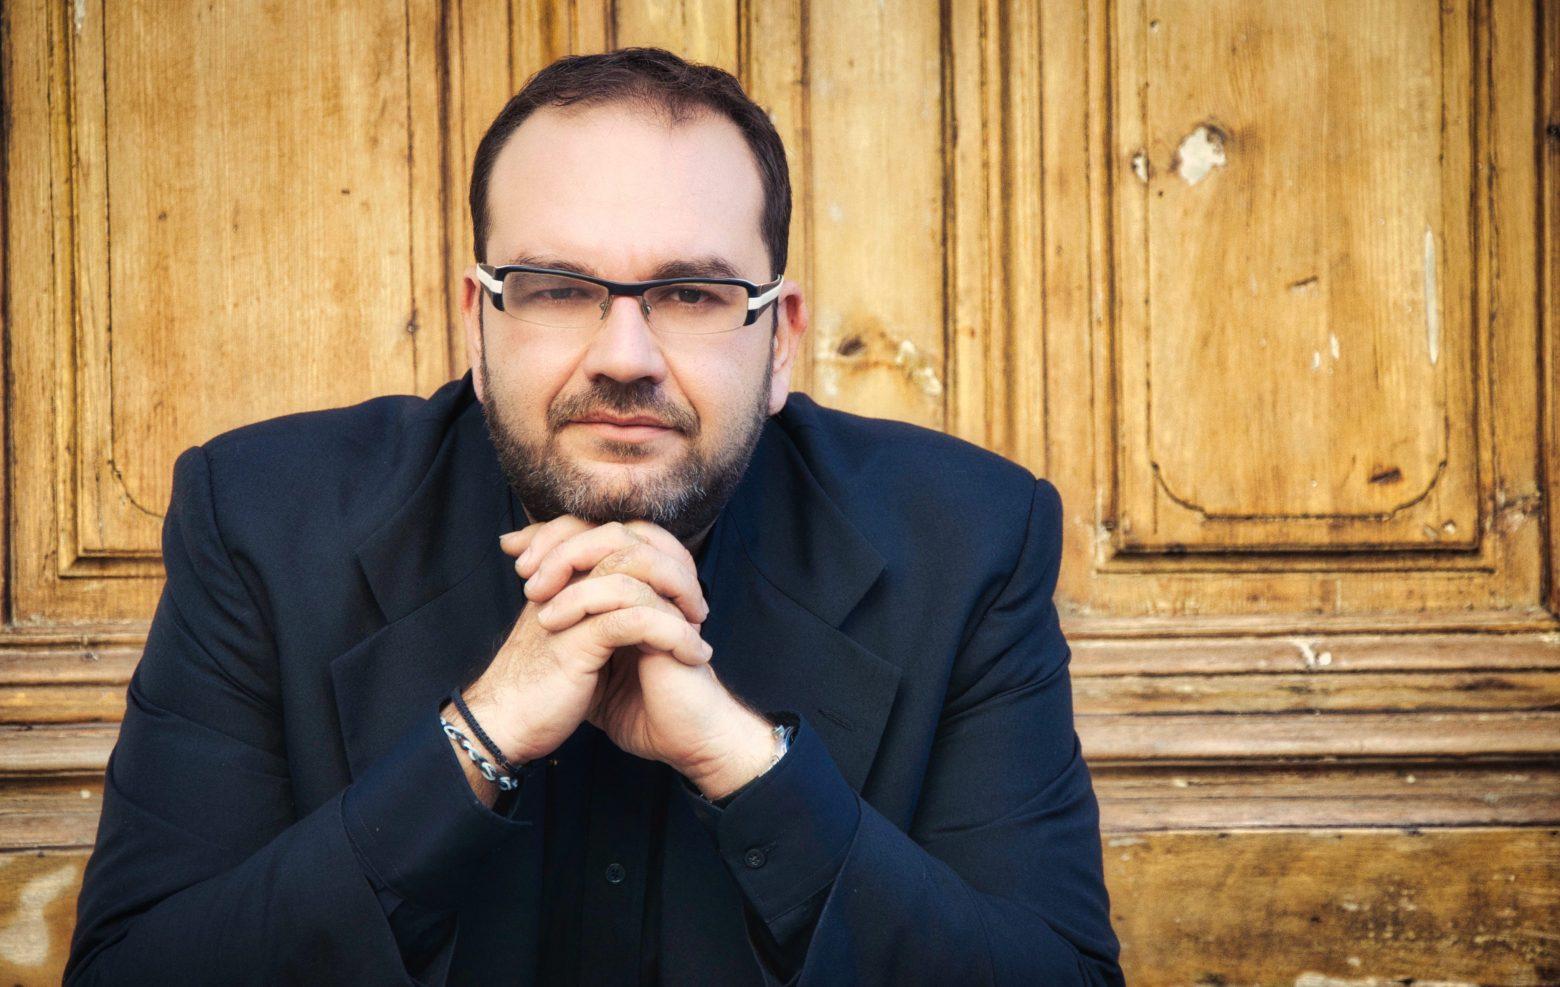 O Ανδρέας Κατσιγιάννης μιλάει στο in.gr για το μουσικό οδοιπορικό «Της  σιωπής ο τόπος» που θα προβληθεί στο MEGA   in.gr